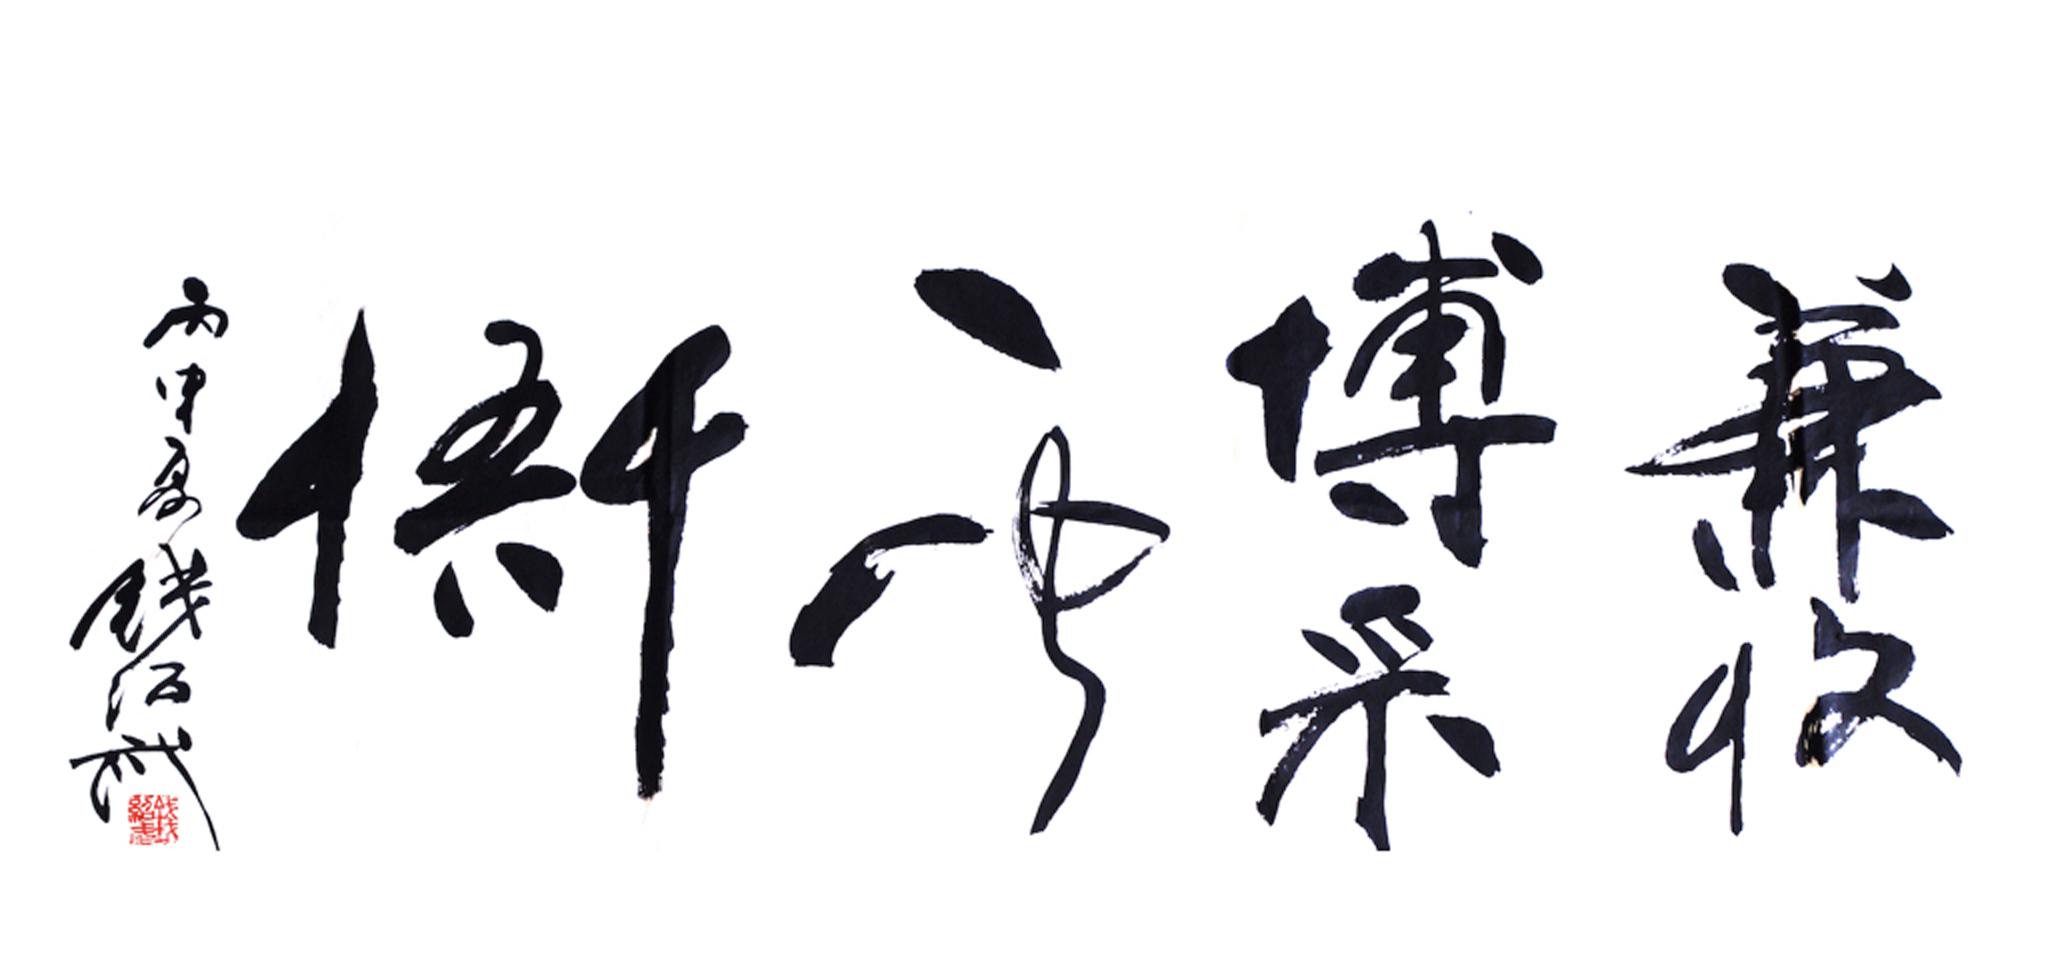 钱绍武大师为北京博仟万博体育彩票官网app公司的题字